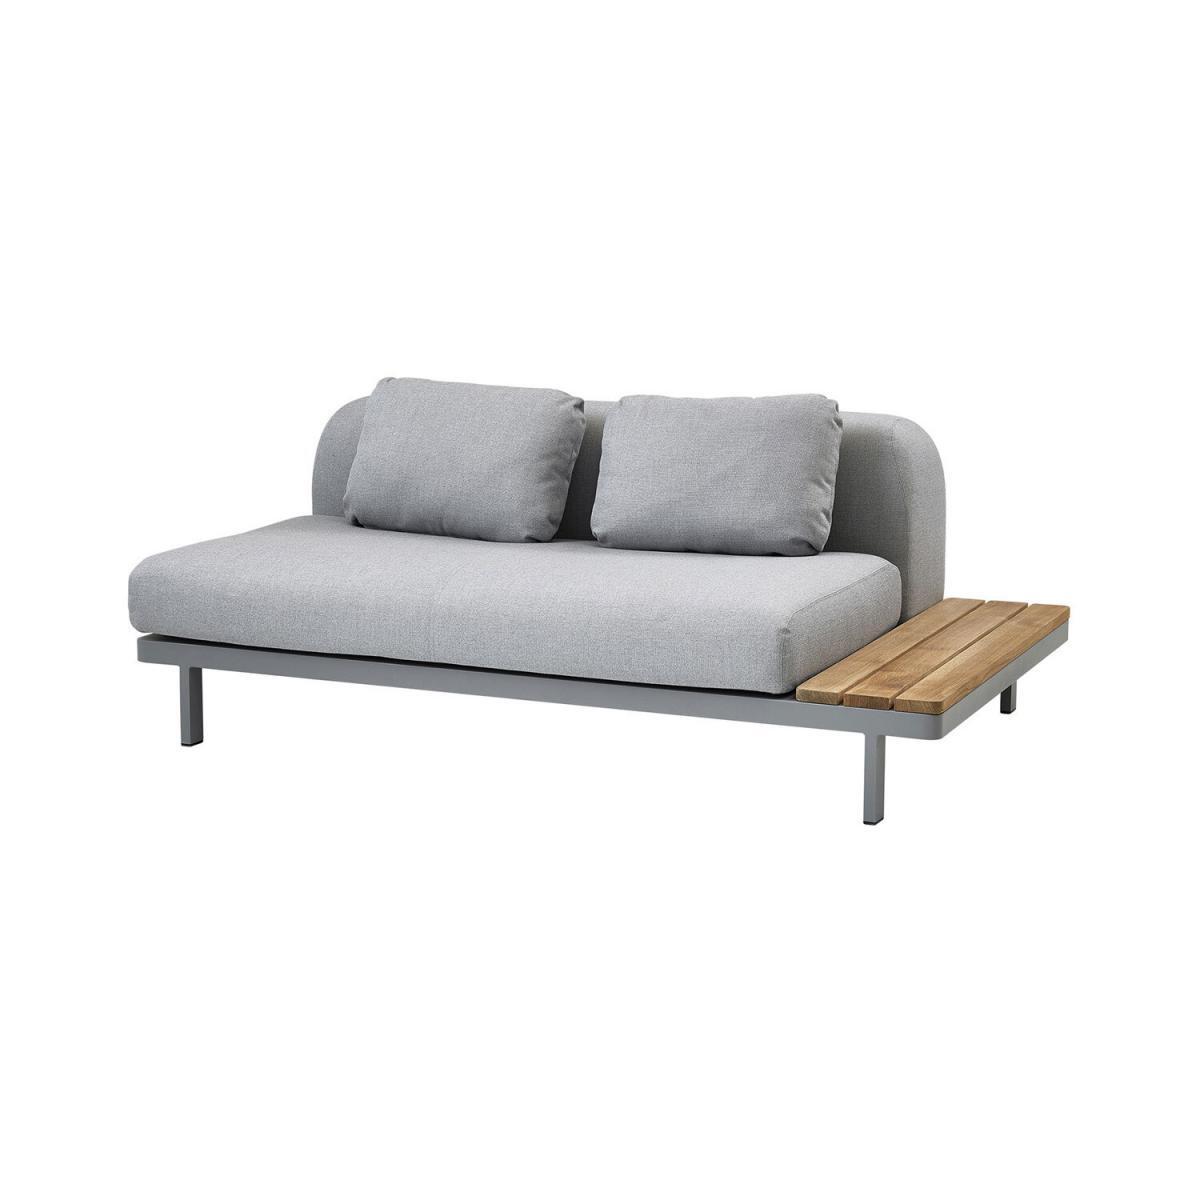 Garden Life Outdoor Living - Cane-line SPACE kerti luxus kanapé